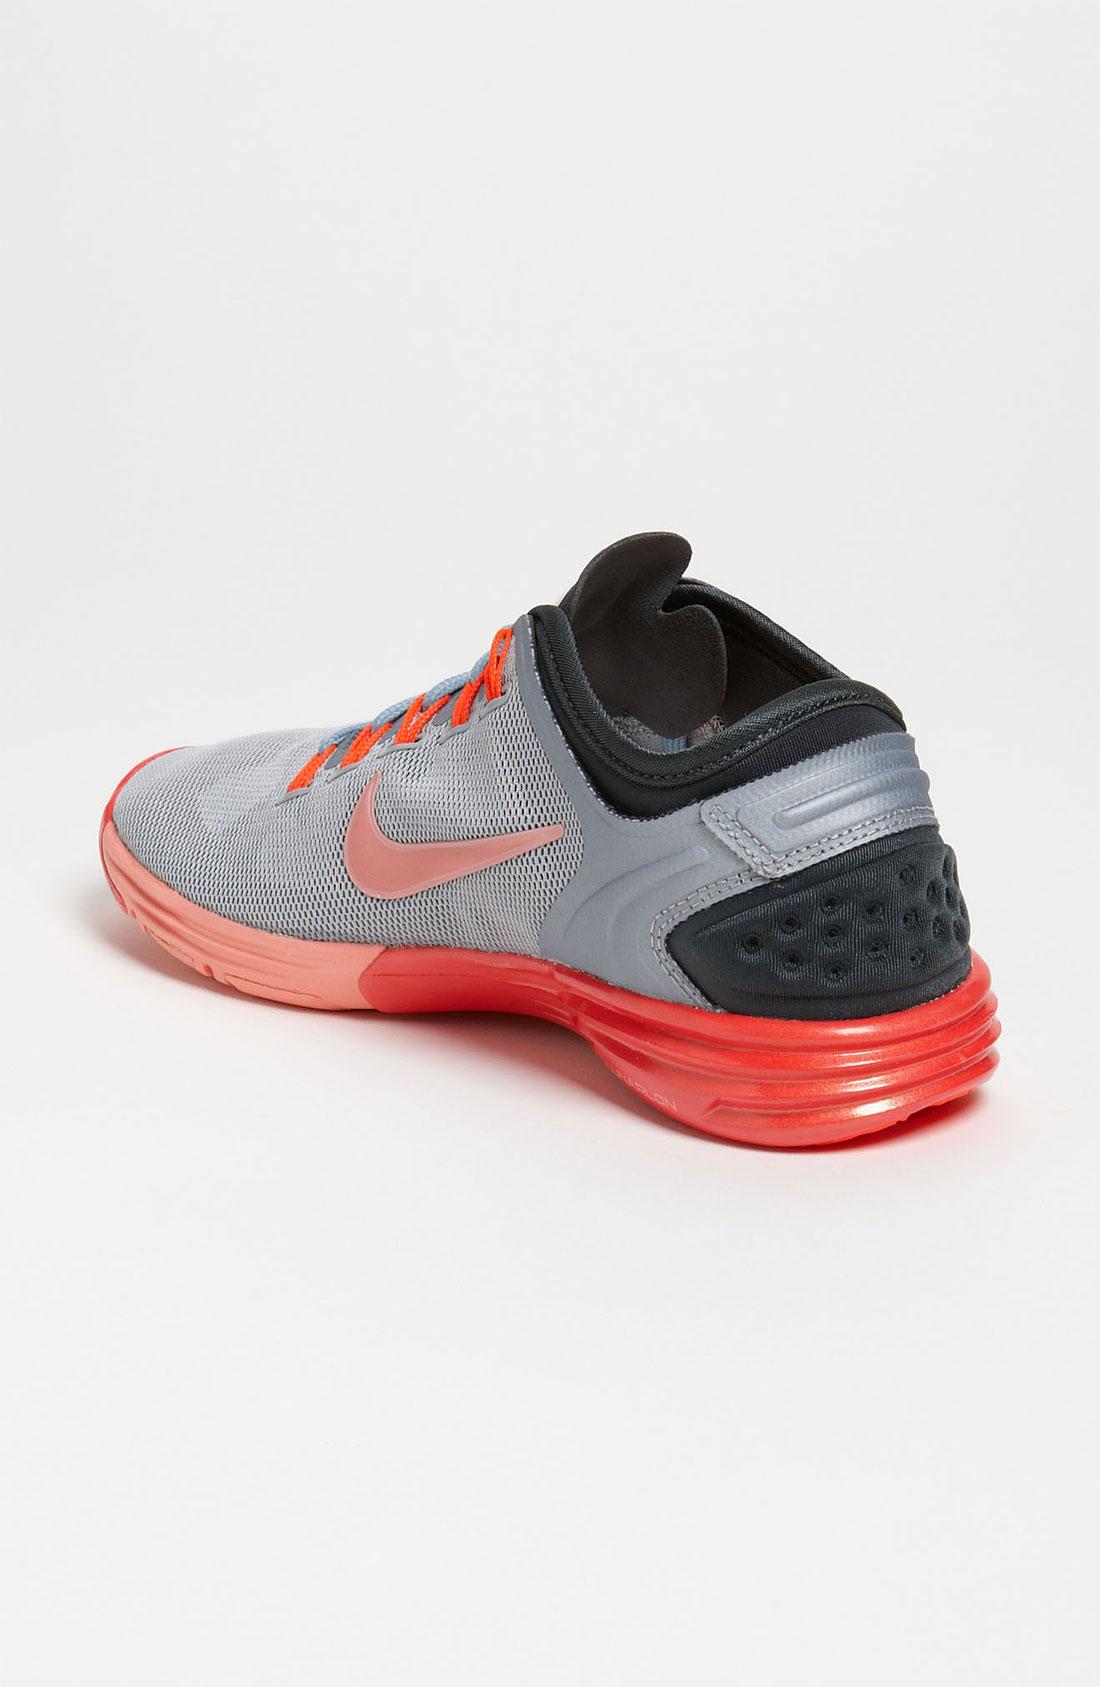 the latest 78e6c 058c7 ... Nike Lunar Hyper Xt Training Shoe Women in Gray Lyst ...